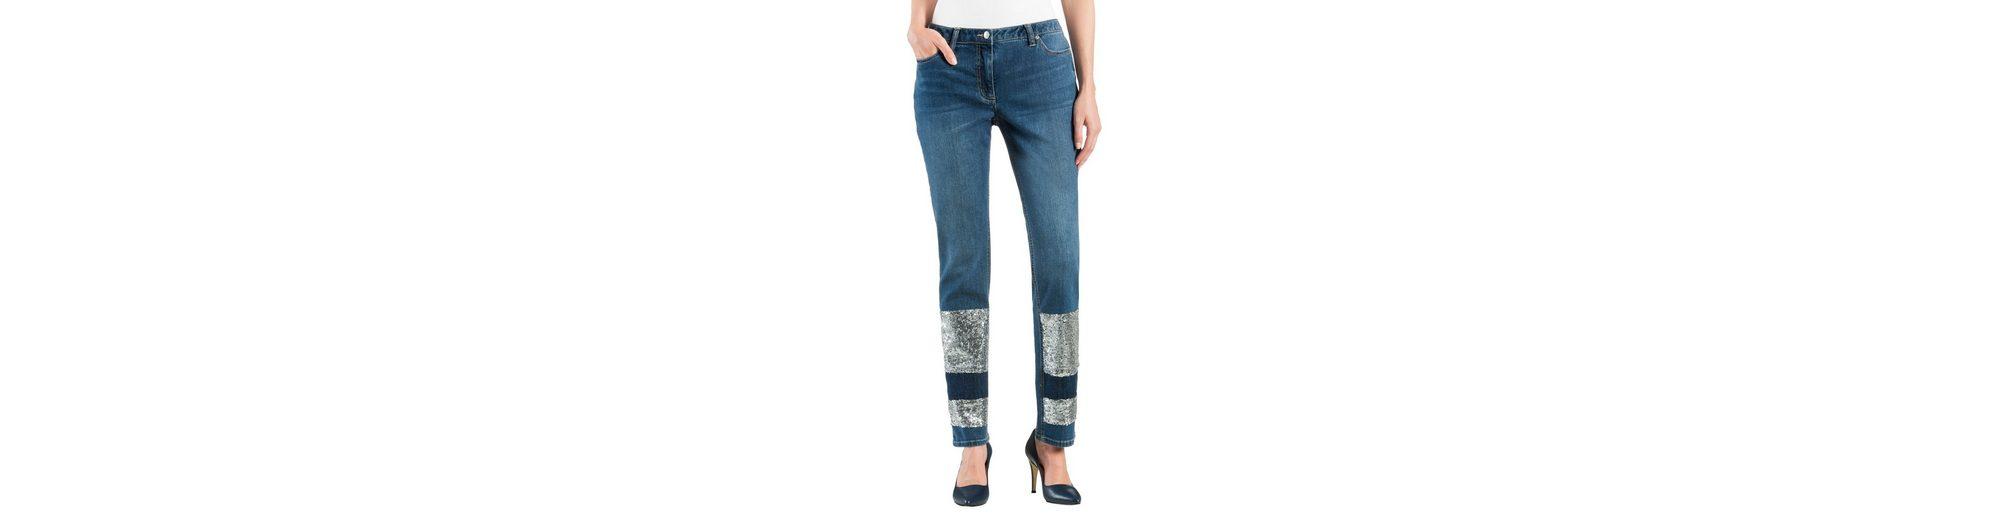 Alba Moda Jeans mit Pailletten in der Vorderhose